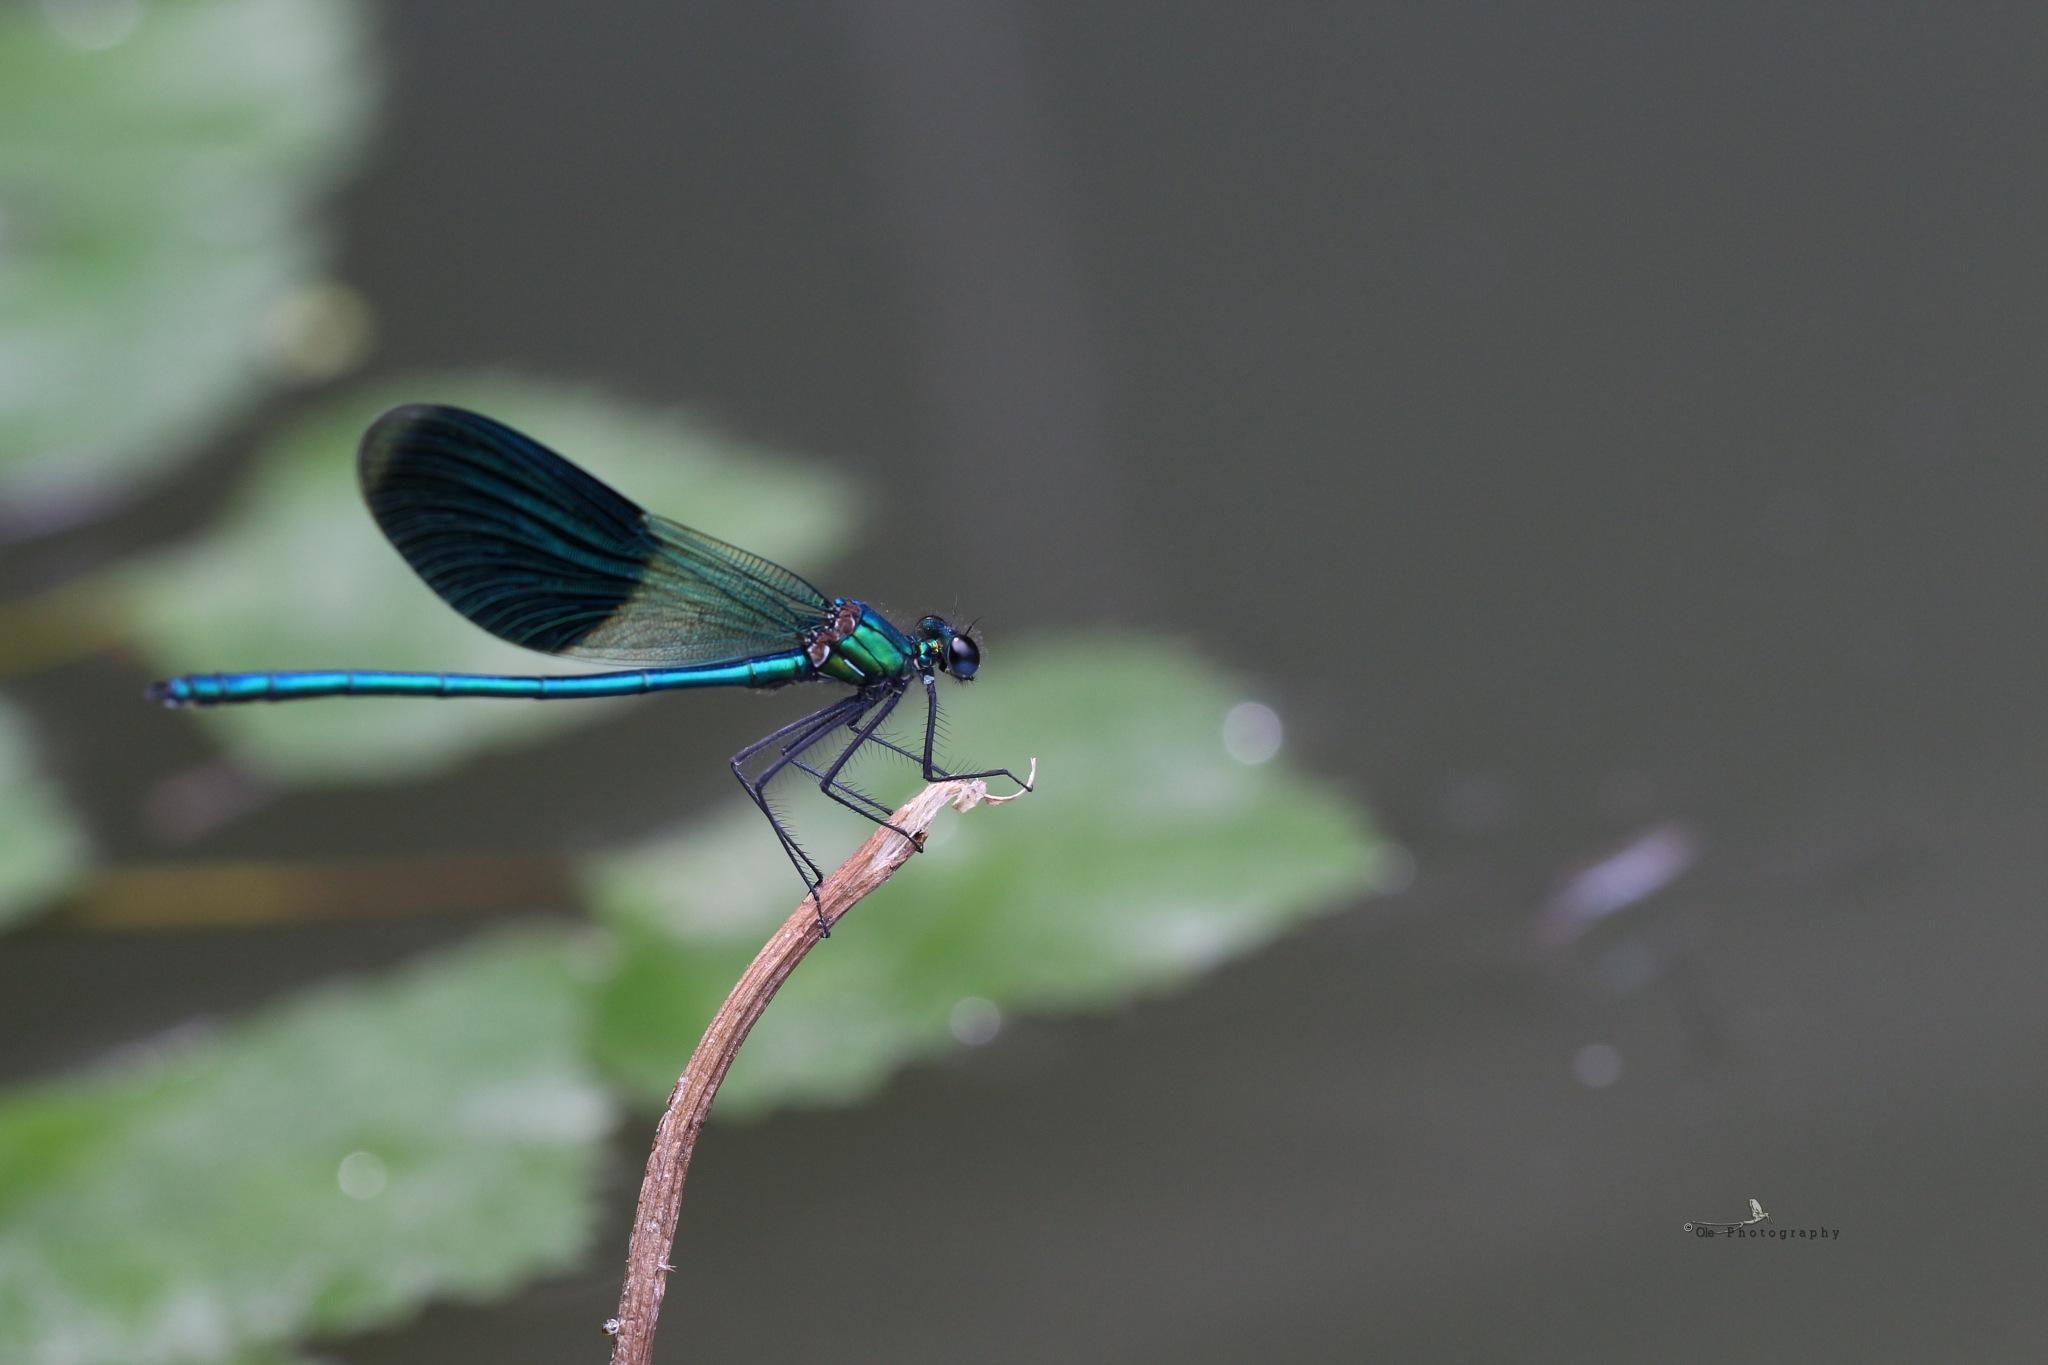 Caleopteryx splendens by OlePhotography